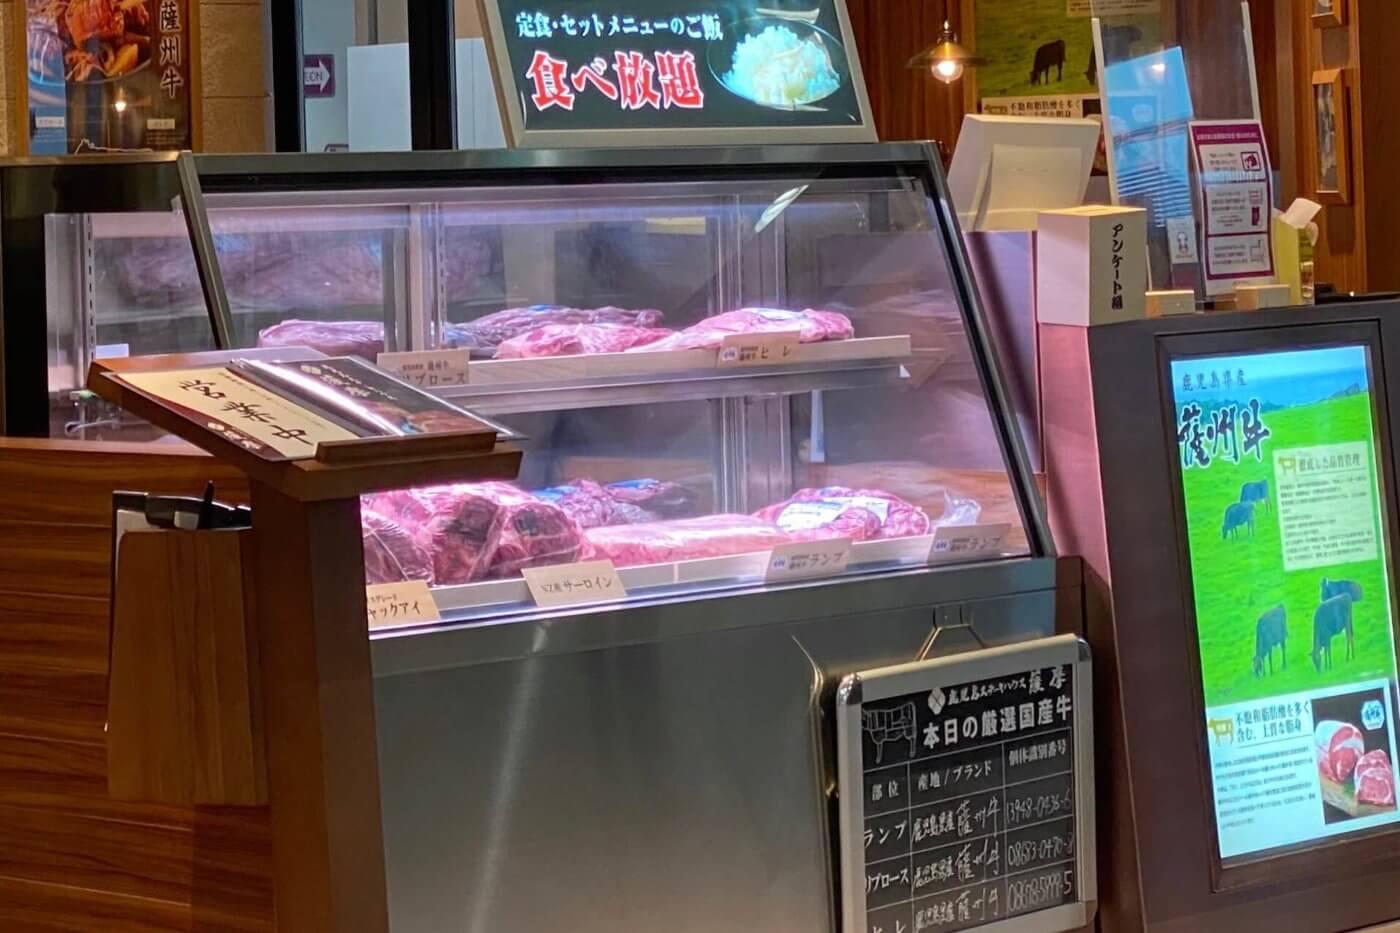 鹿児島ステーキハウス薩摩 店先のショーケースに入った生肉